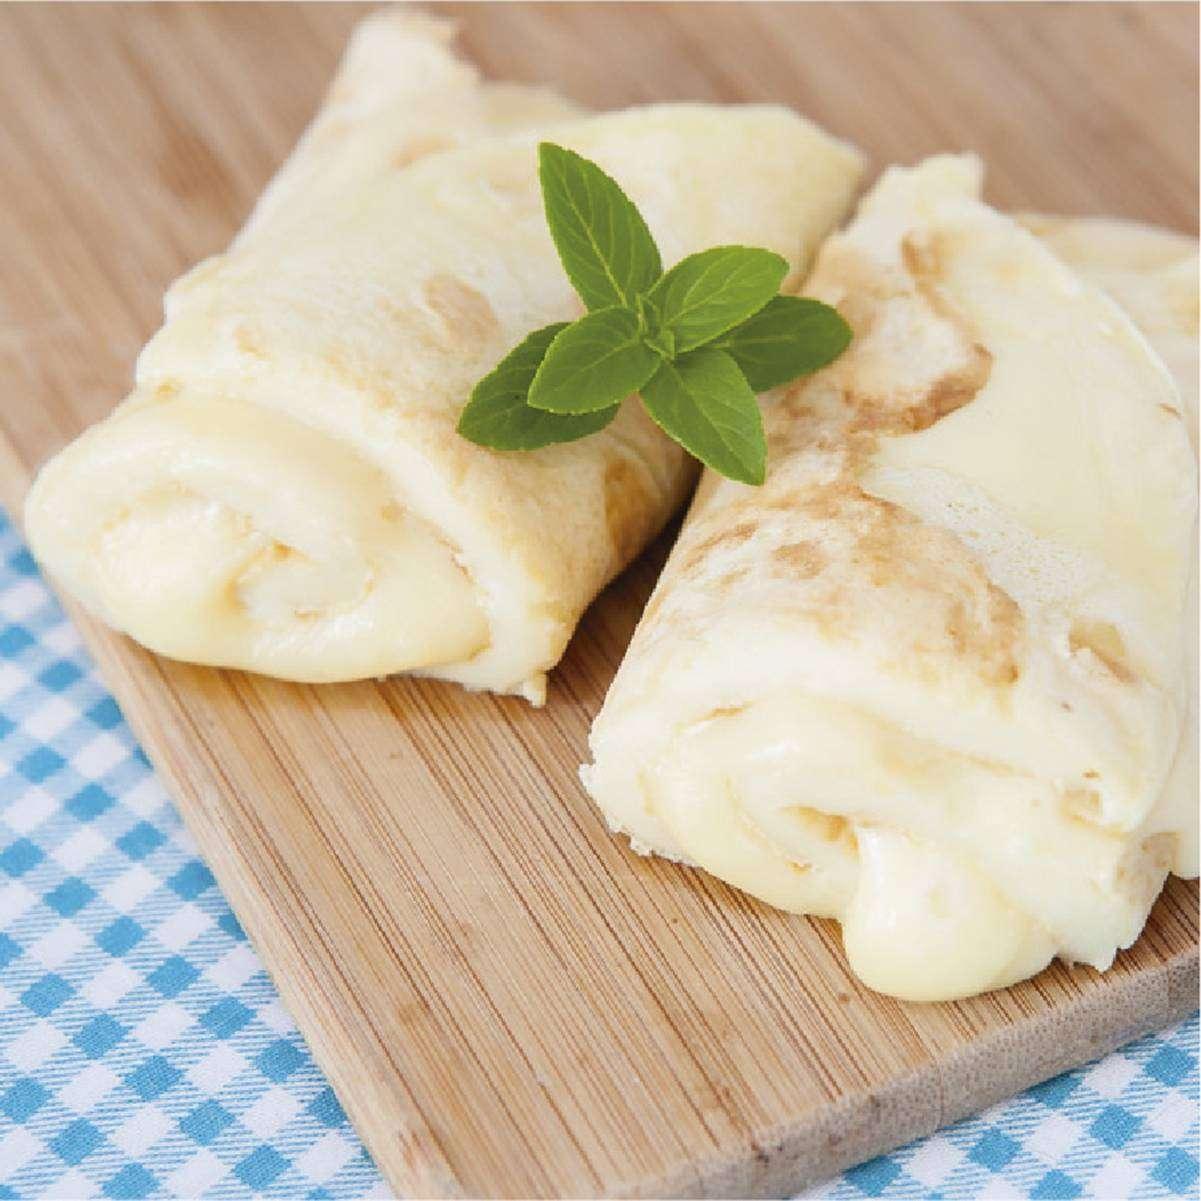 Pão de queijo de frigideira é light e liberado na dieta. Foto: Reprodução